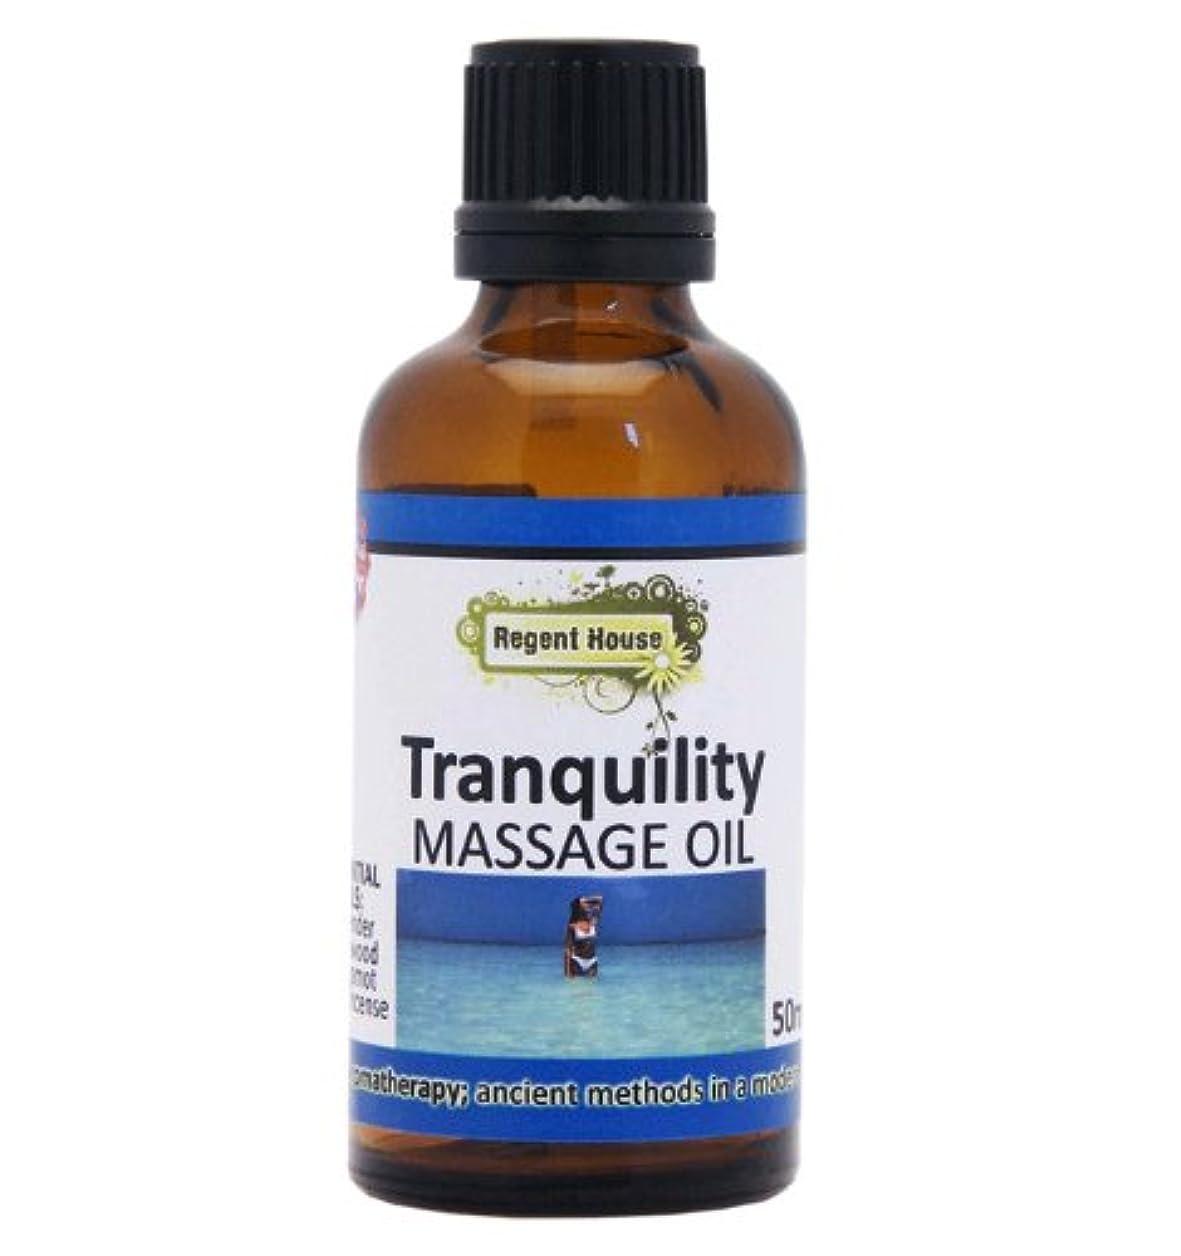 斧二十クレジット貴重なローズウッドを、たっぷり配合しました。 アロマ ナチュラル マッサージオイル 50ml トランキュリティー(Aroma Massage Oil Tranqulity)